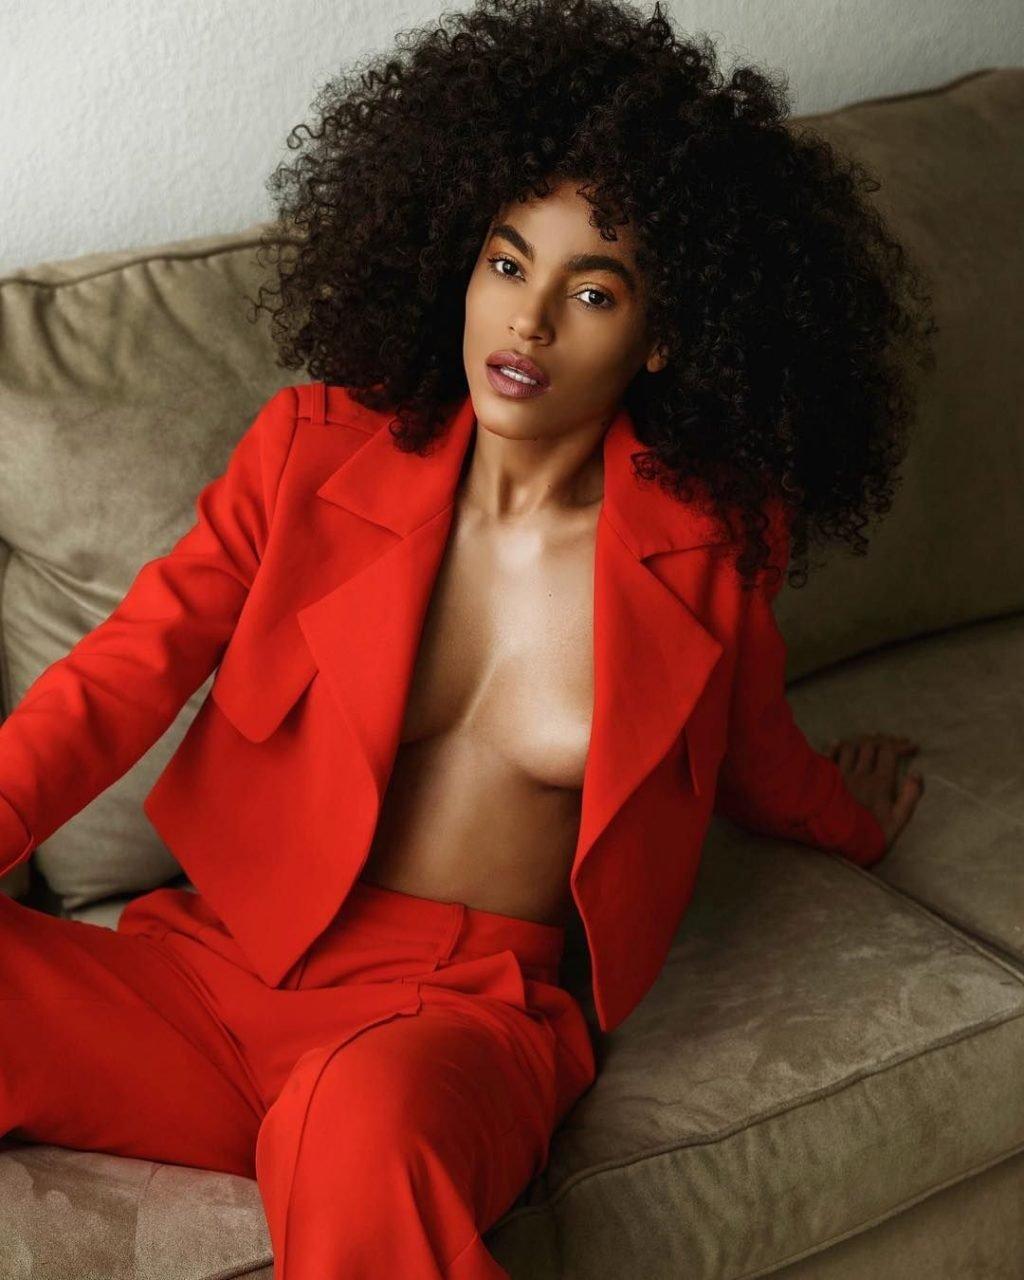 Leila Depina Nude & Sexy (85 Photos)